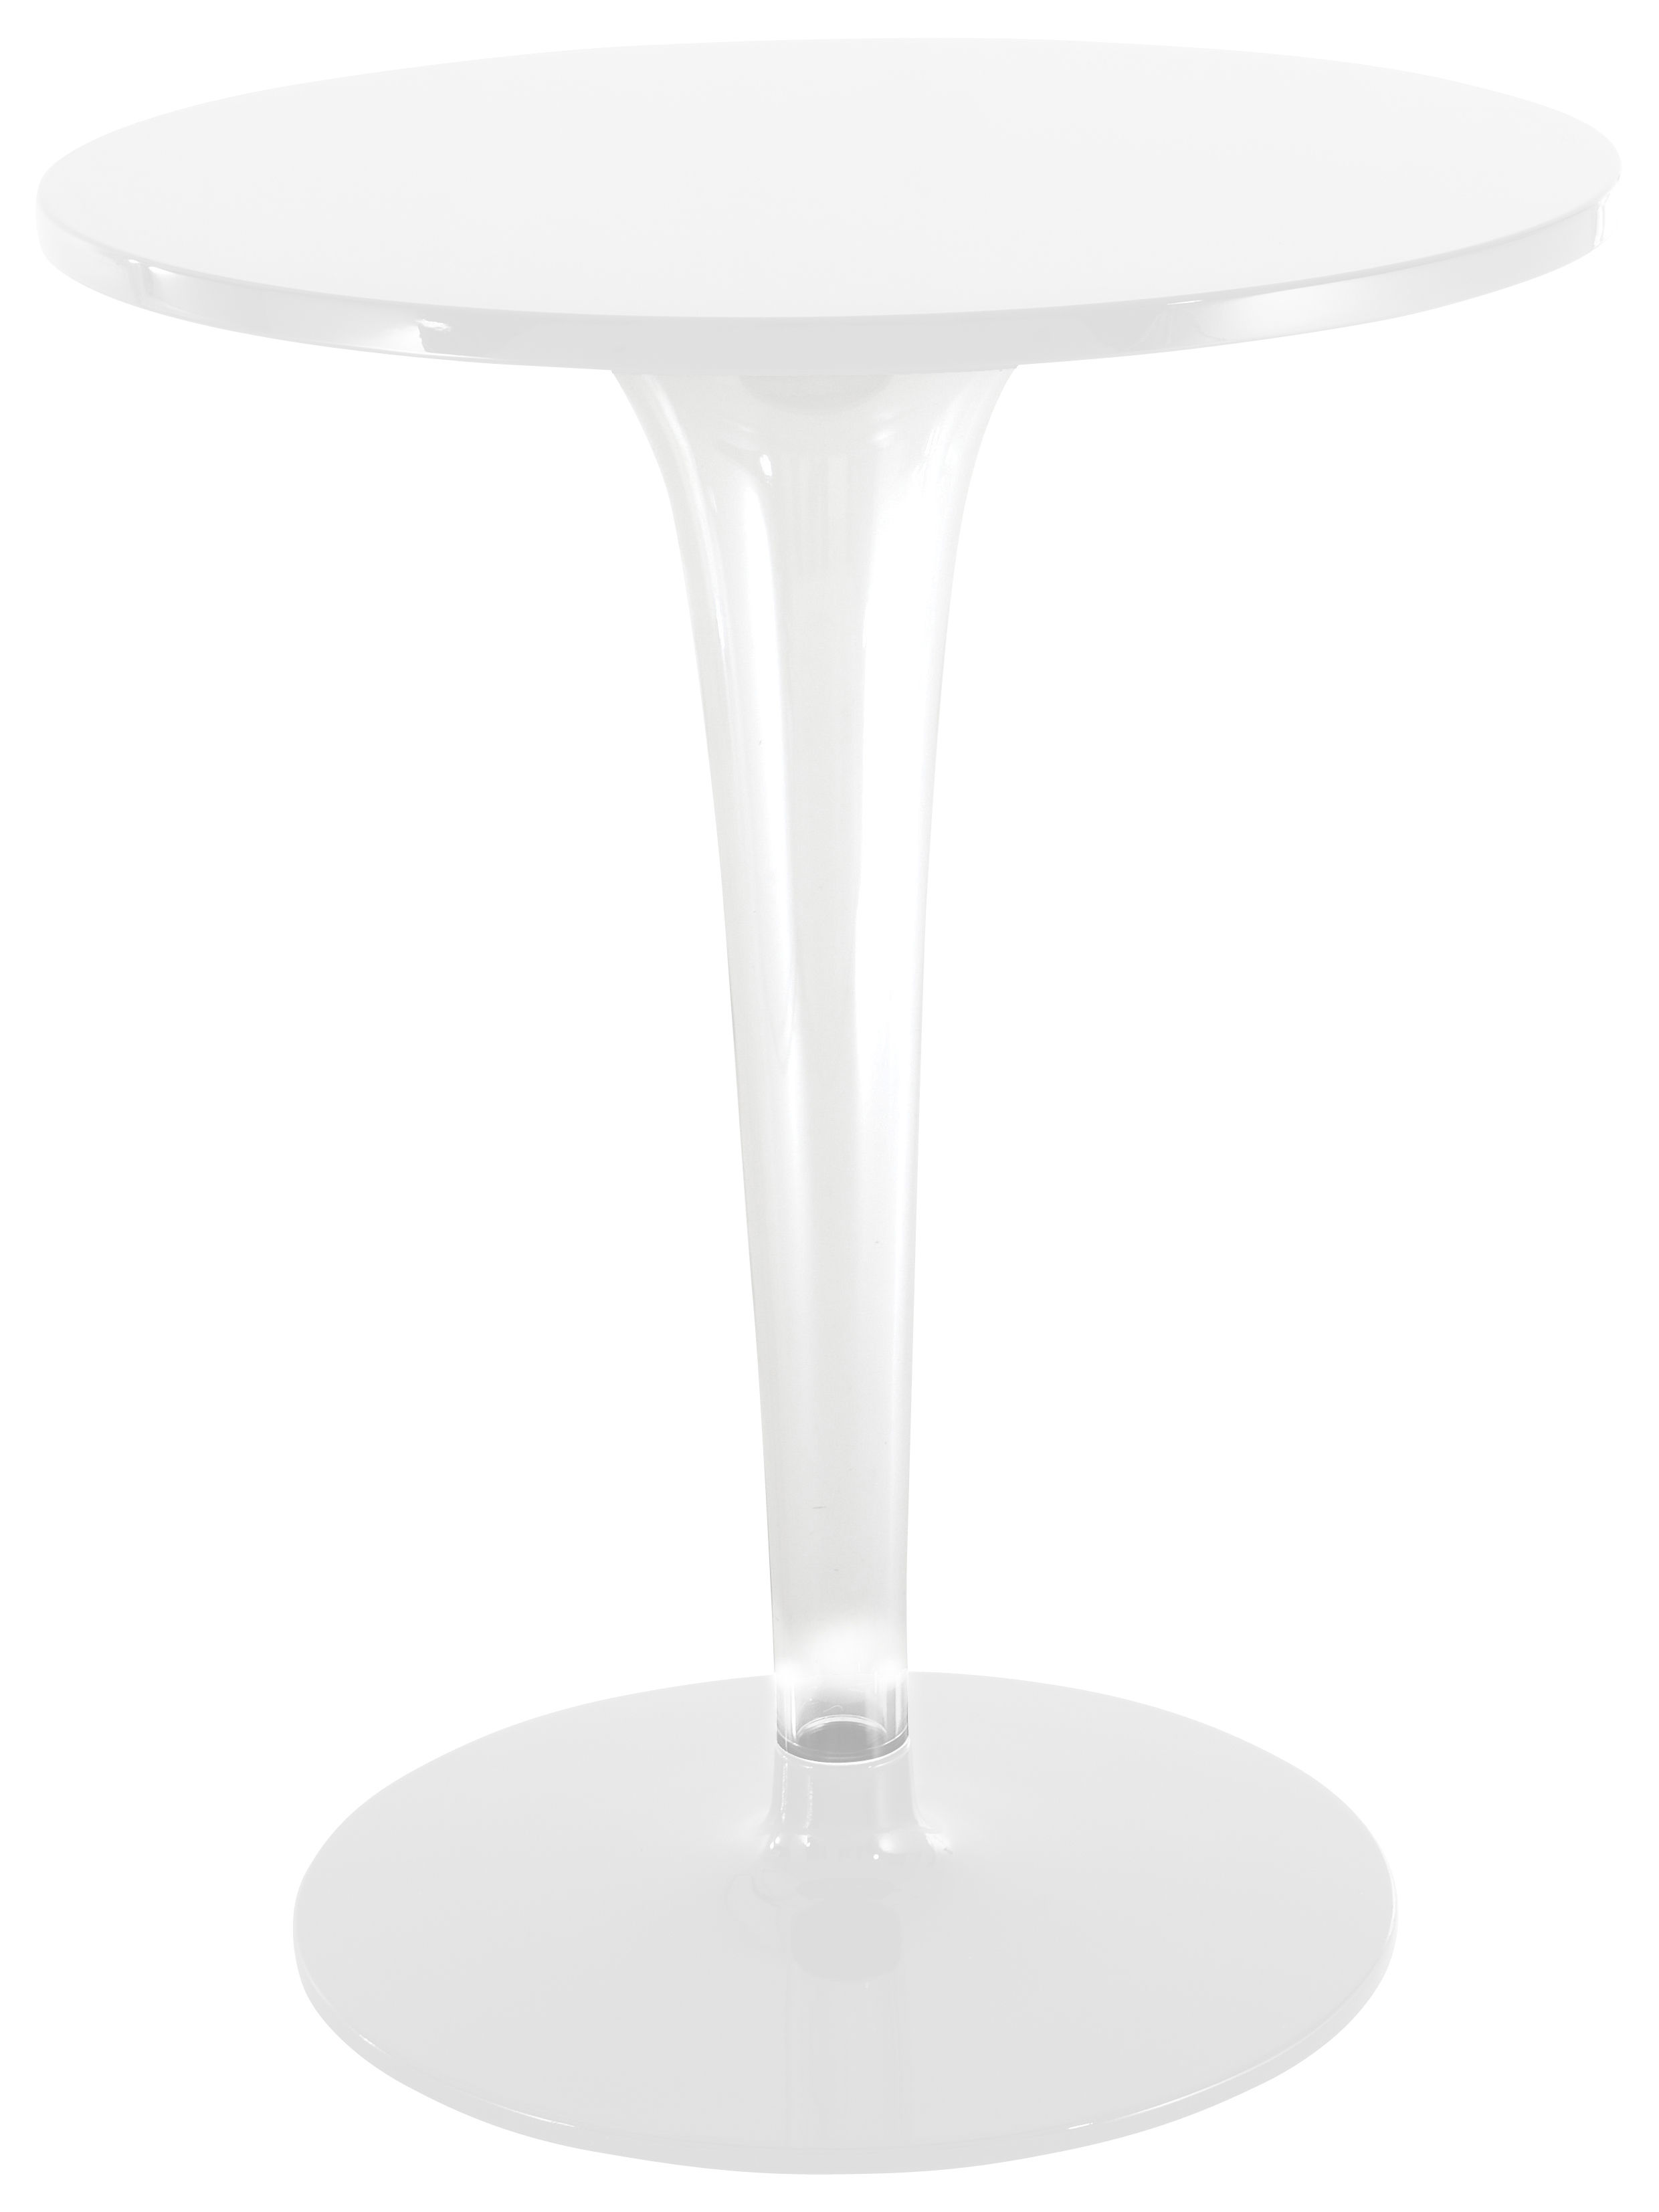 Outdoor - Tavoli  - Tavolo rotondo TopTop - Dr. YES - Piano rotondo Ø 60 cm di Kartell - Ø 60 cm - Bianco / base e piede rotondi - alluminio verniciato, Melamina, PMMA